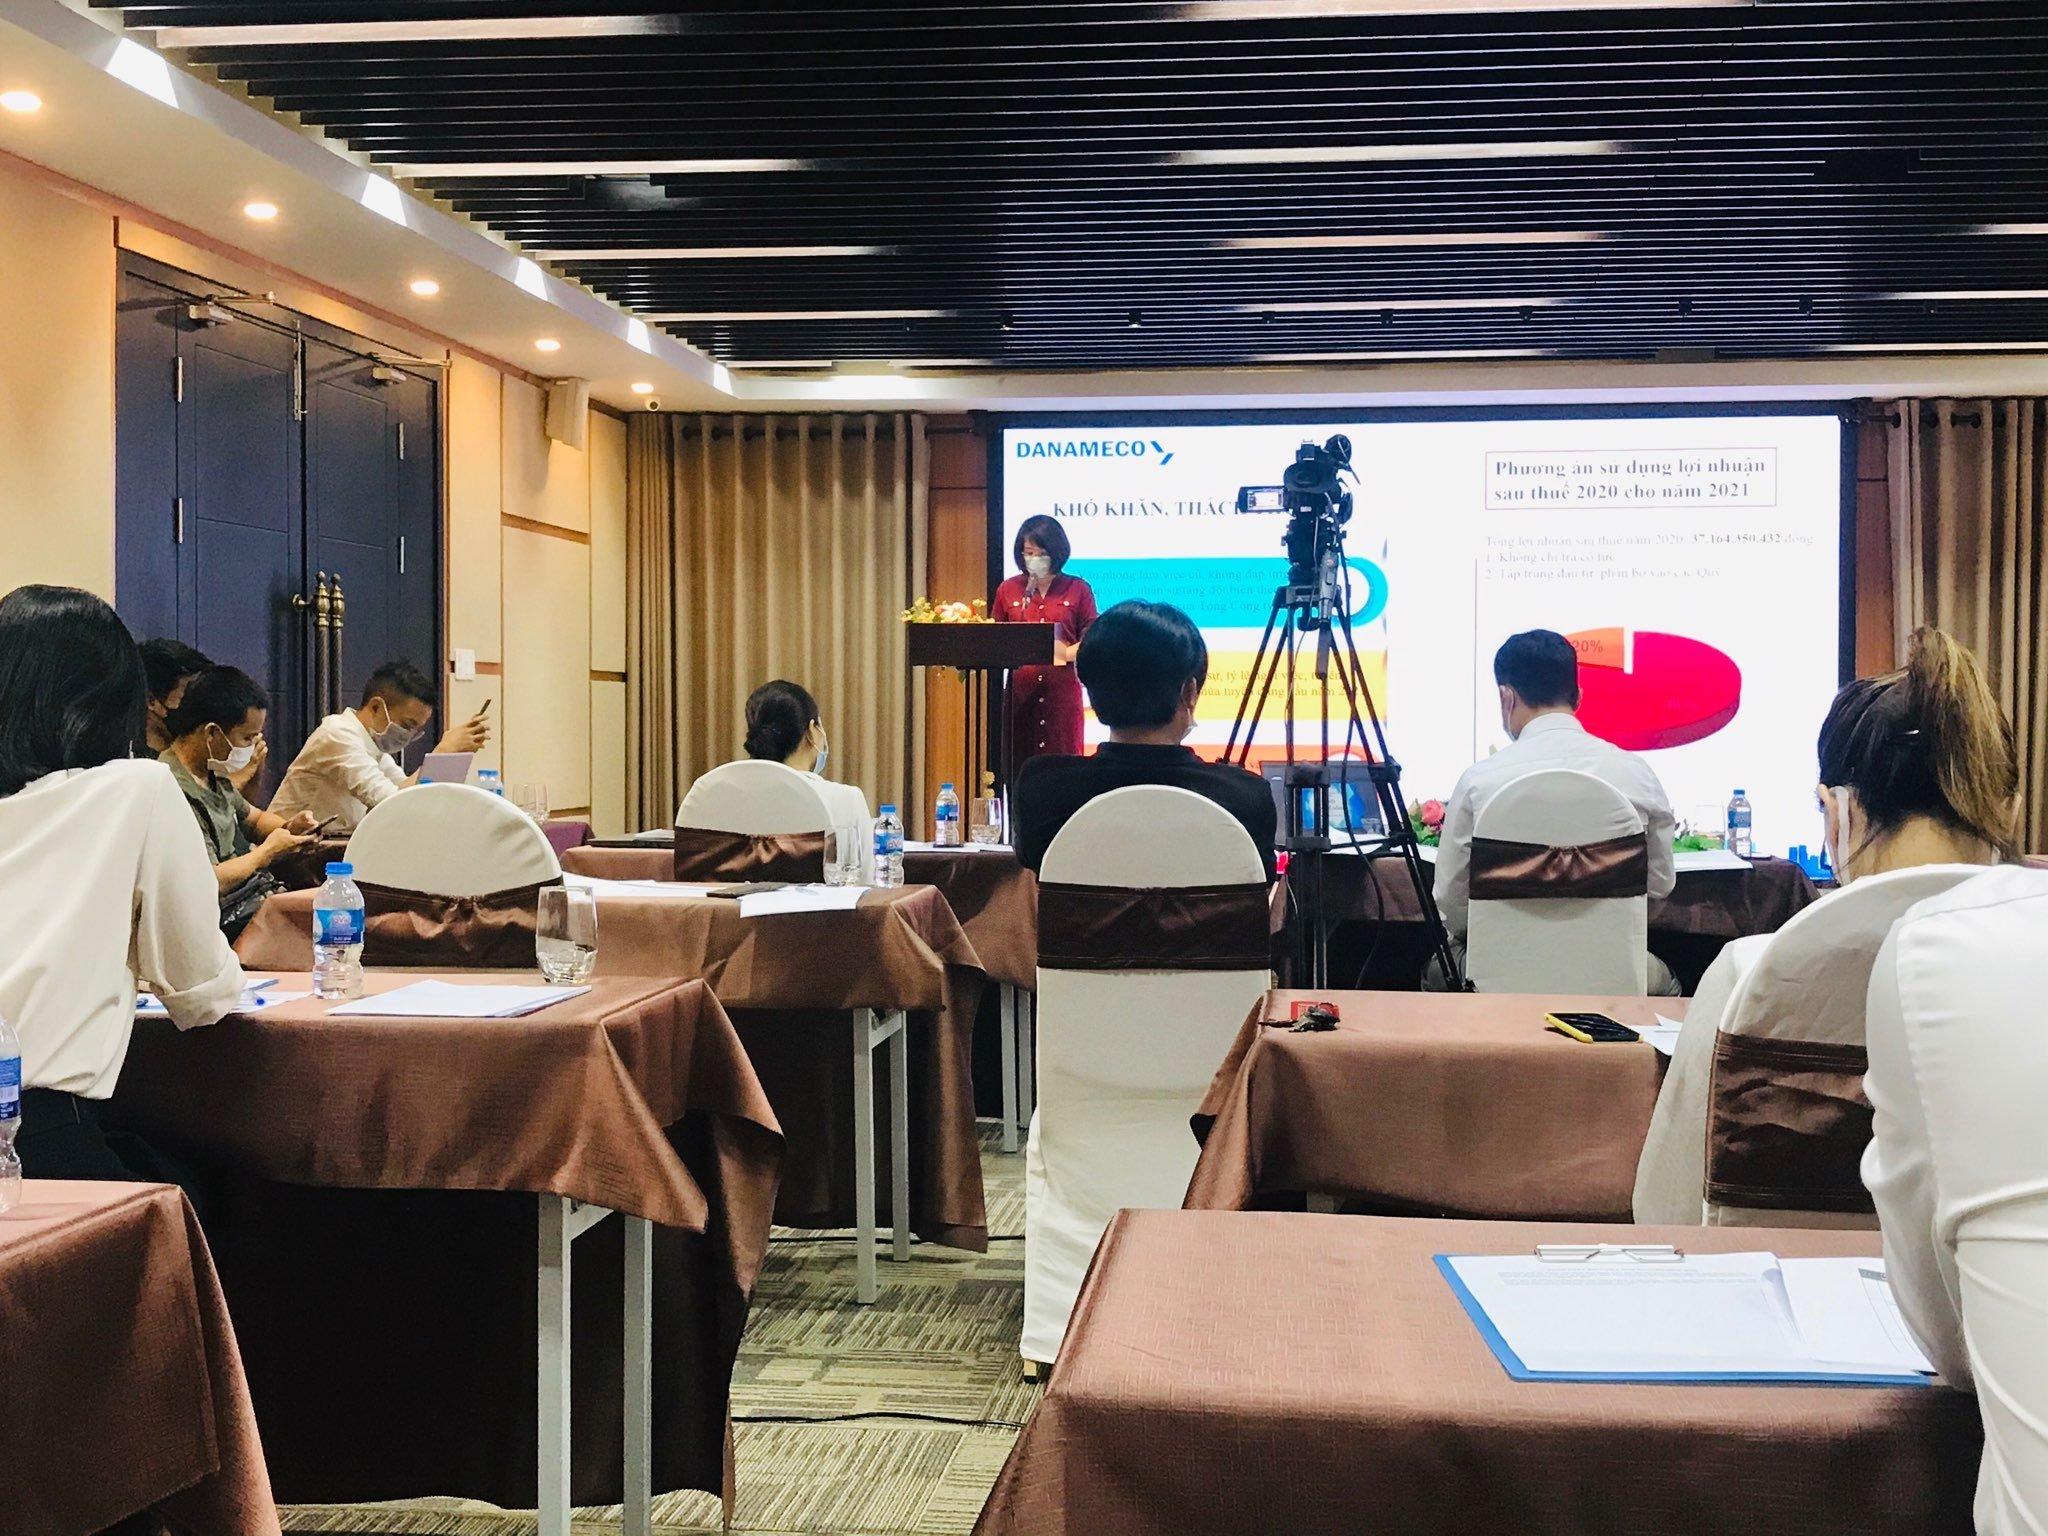 DANAMECO tổ chức Đại hồi đồng cổ đông thường niên 2021